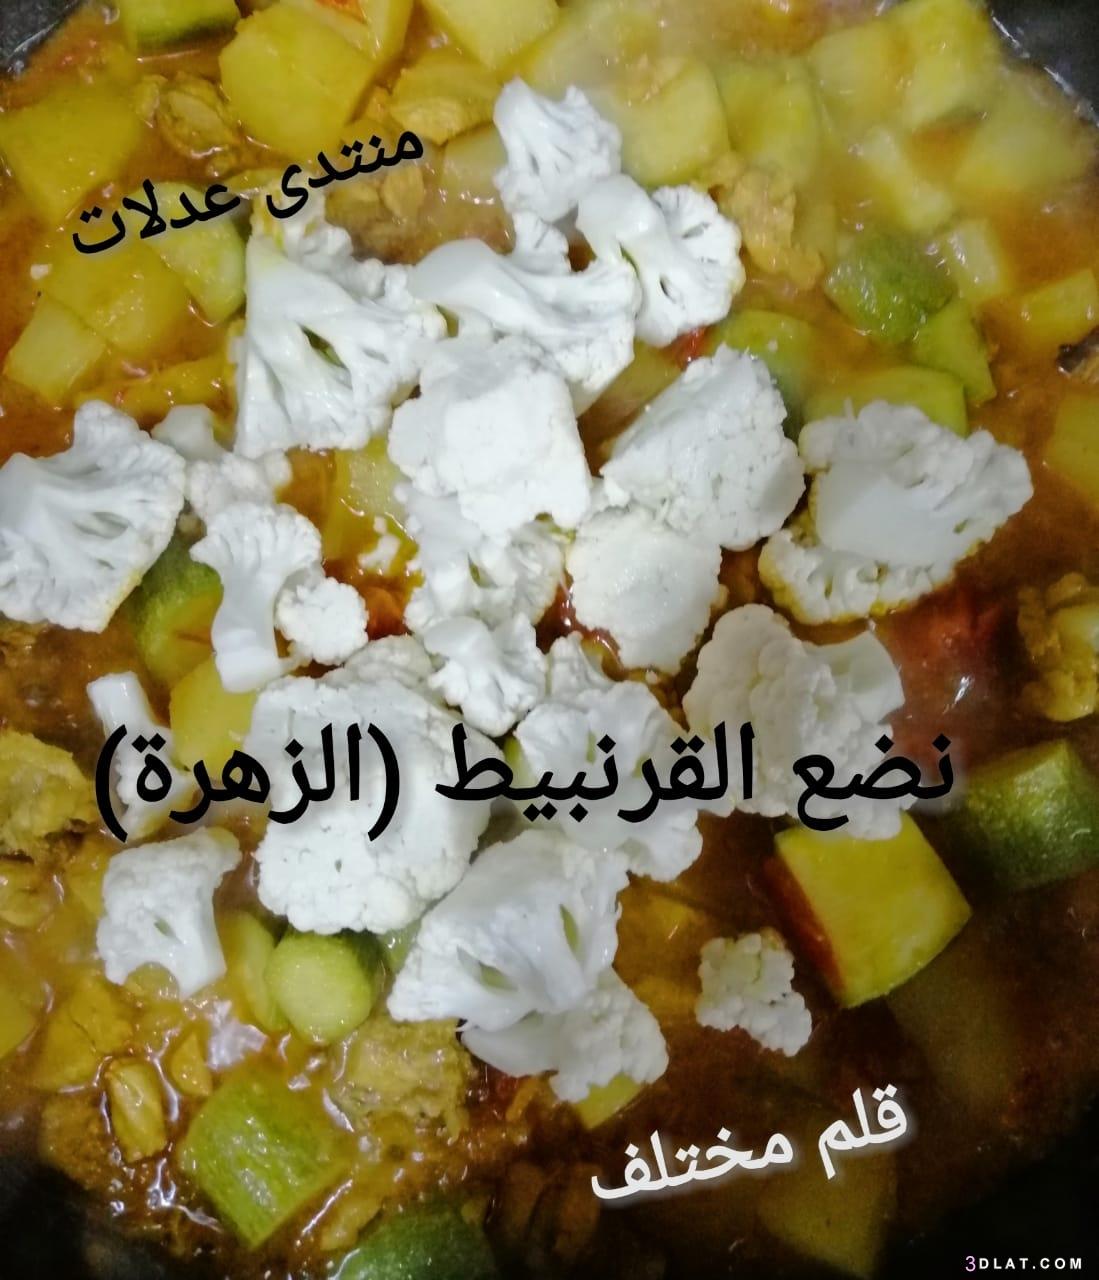 مطبخي ((قطع الدجاج الخضروات)) 3dlat.com_29_18_e655